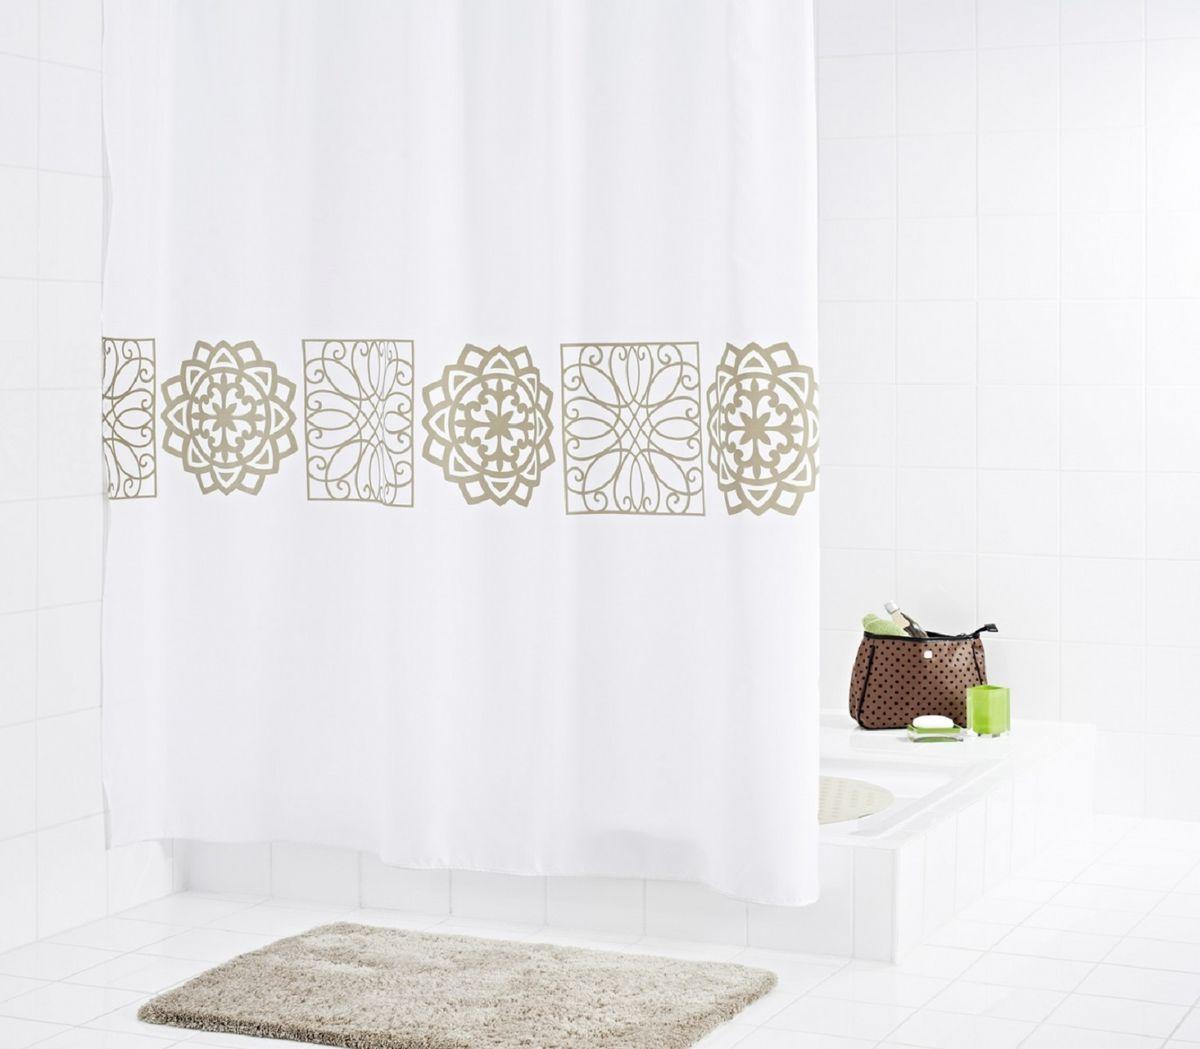 Штора для ванной комнаты Ridder Tunis, цвет: бежевый, коричневый, 180 х 200 см46359Штора для ванной комнаты Ridder Tunis, изготовленная из текстиля с антигрибковым и антистатическим покрытием, отлично дополнит любой интерьер ванной комнаты. Нижний кант утяжелен каучуковой лентой. Машинная стирка. Глажка при низкой температуре. Кольца не входят в комплект.